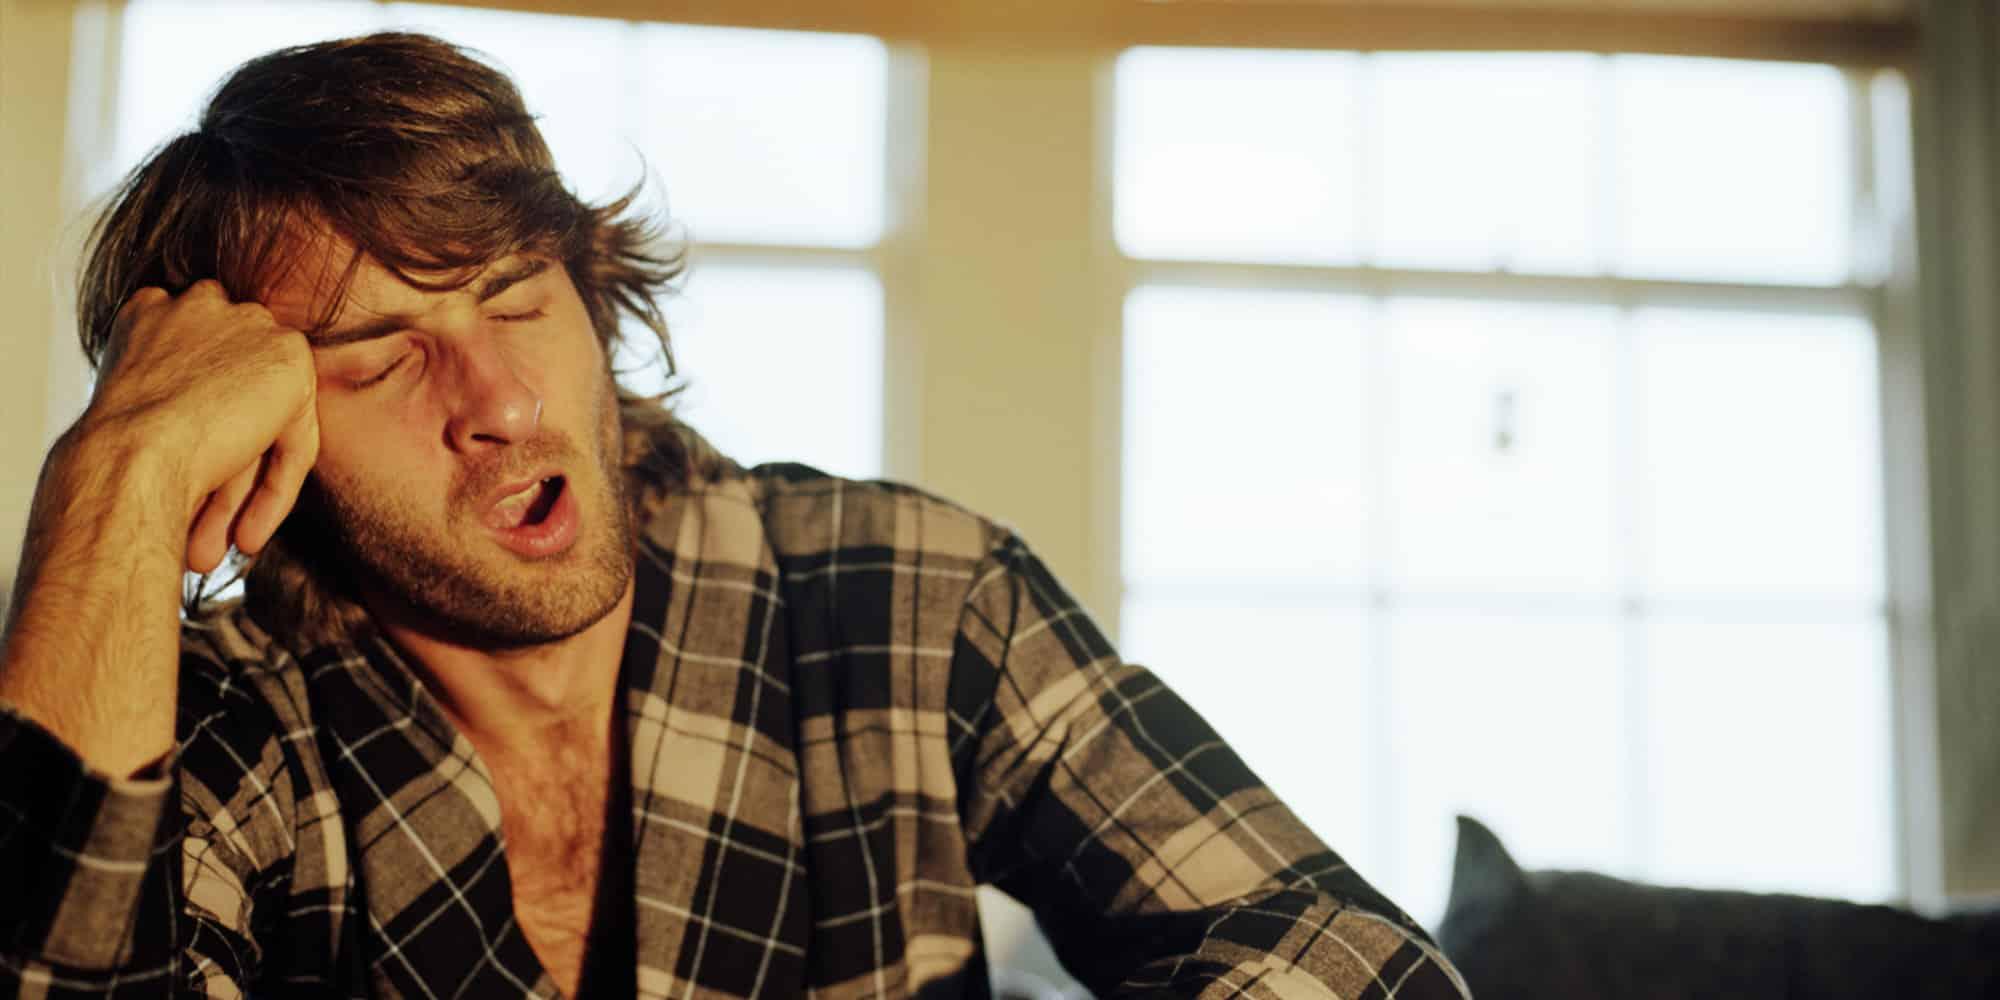 Man in bathrobe yawning, head resting on hand, eyes closed